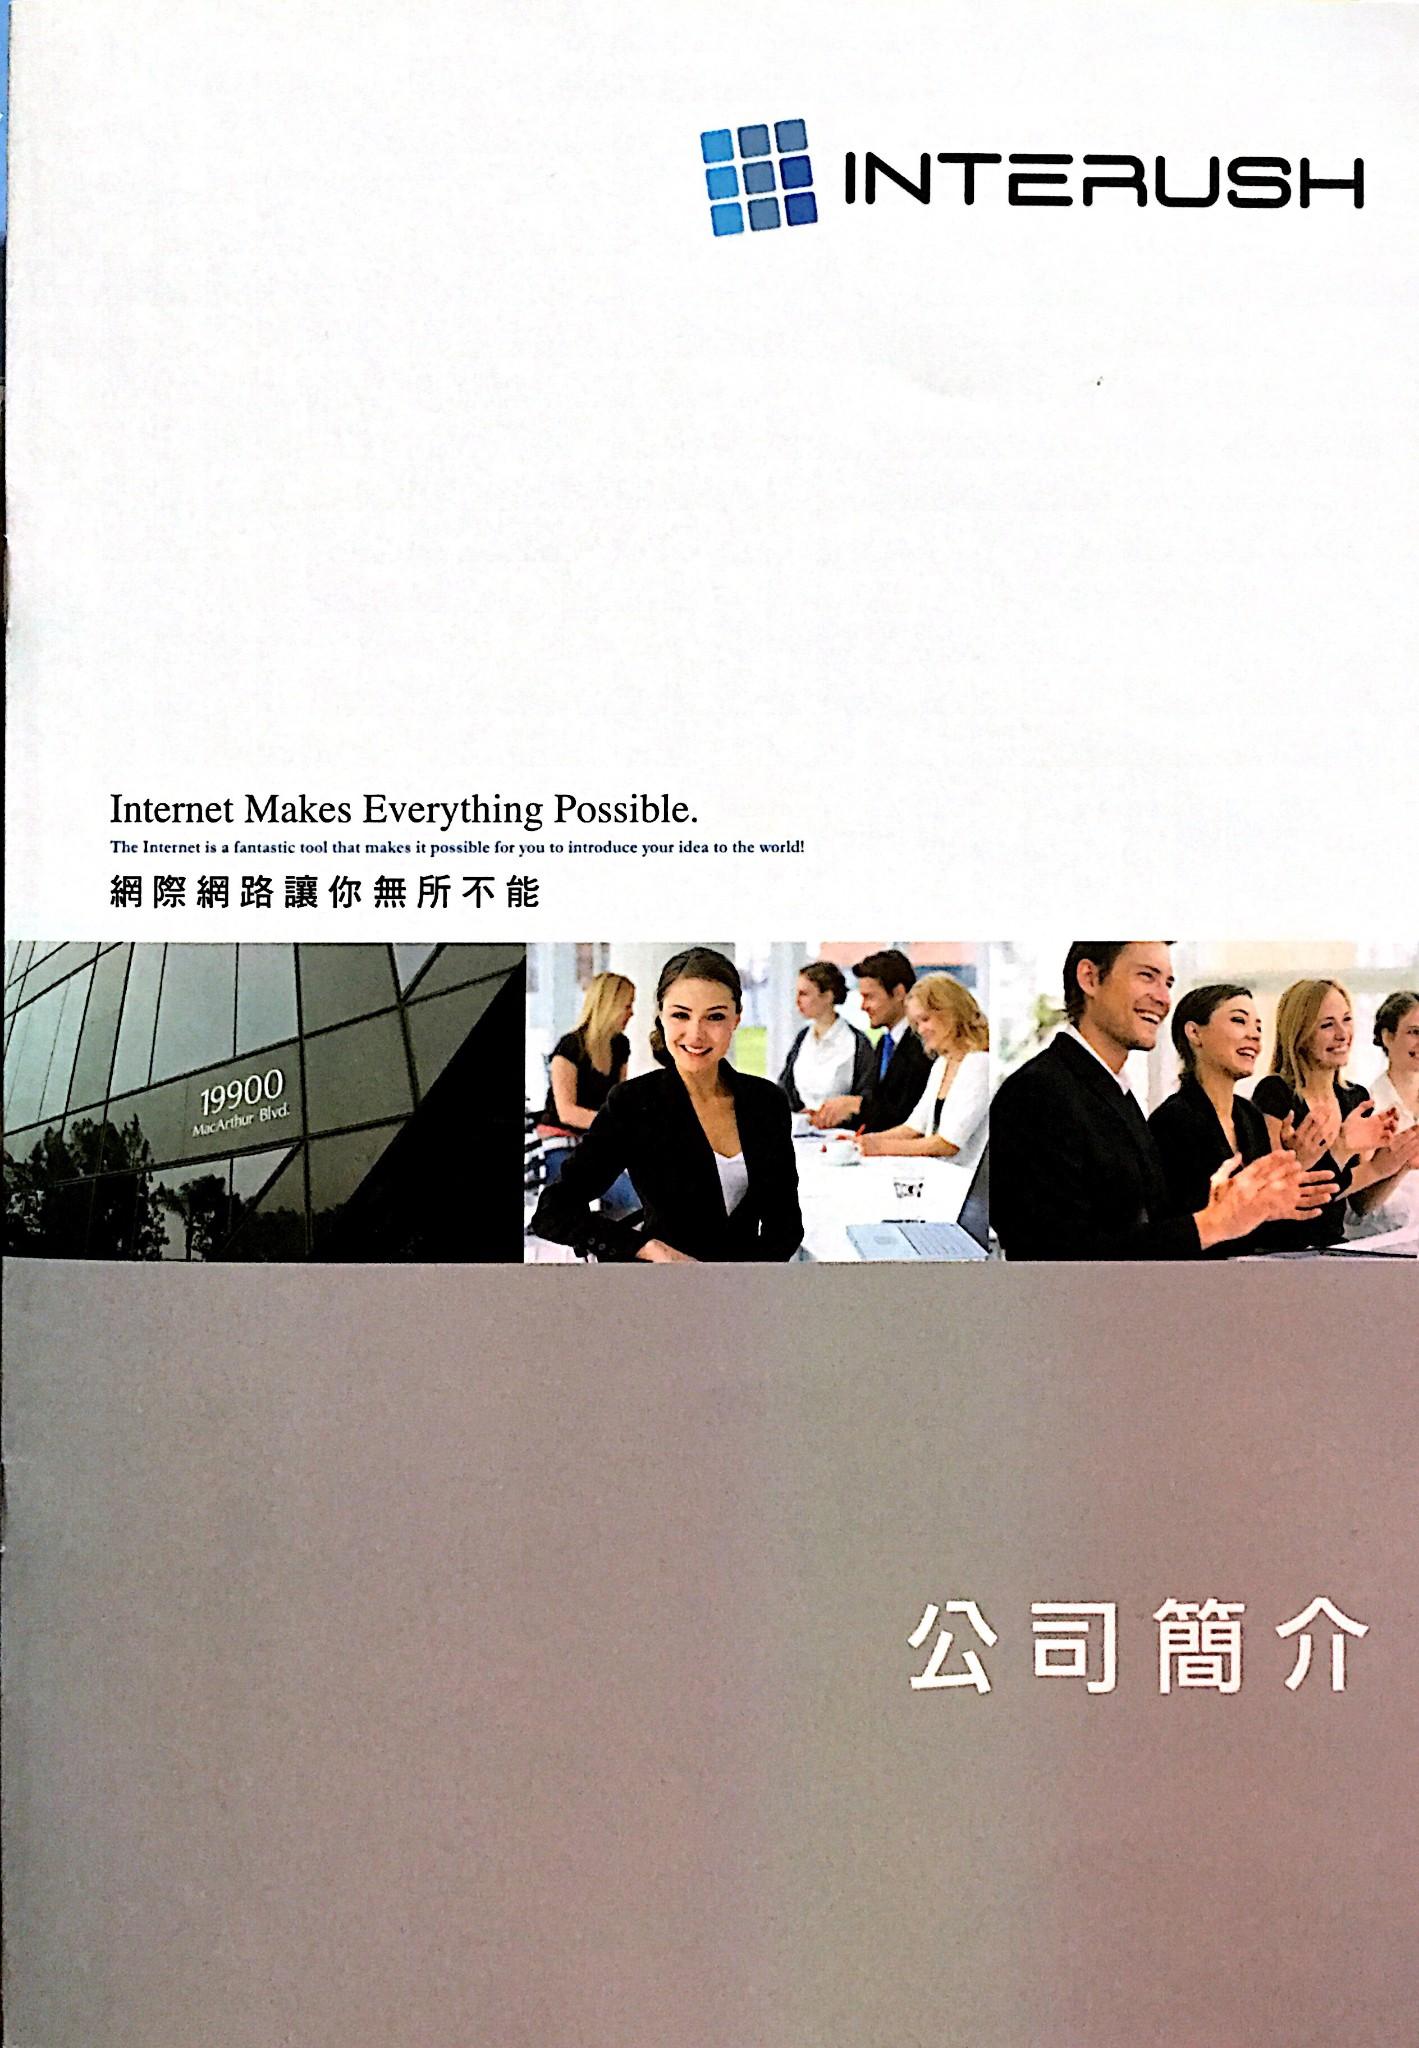 interush - Magazine cover